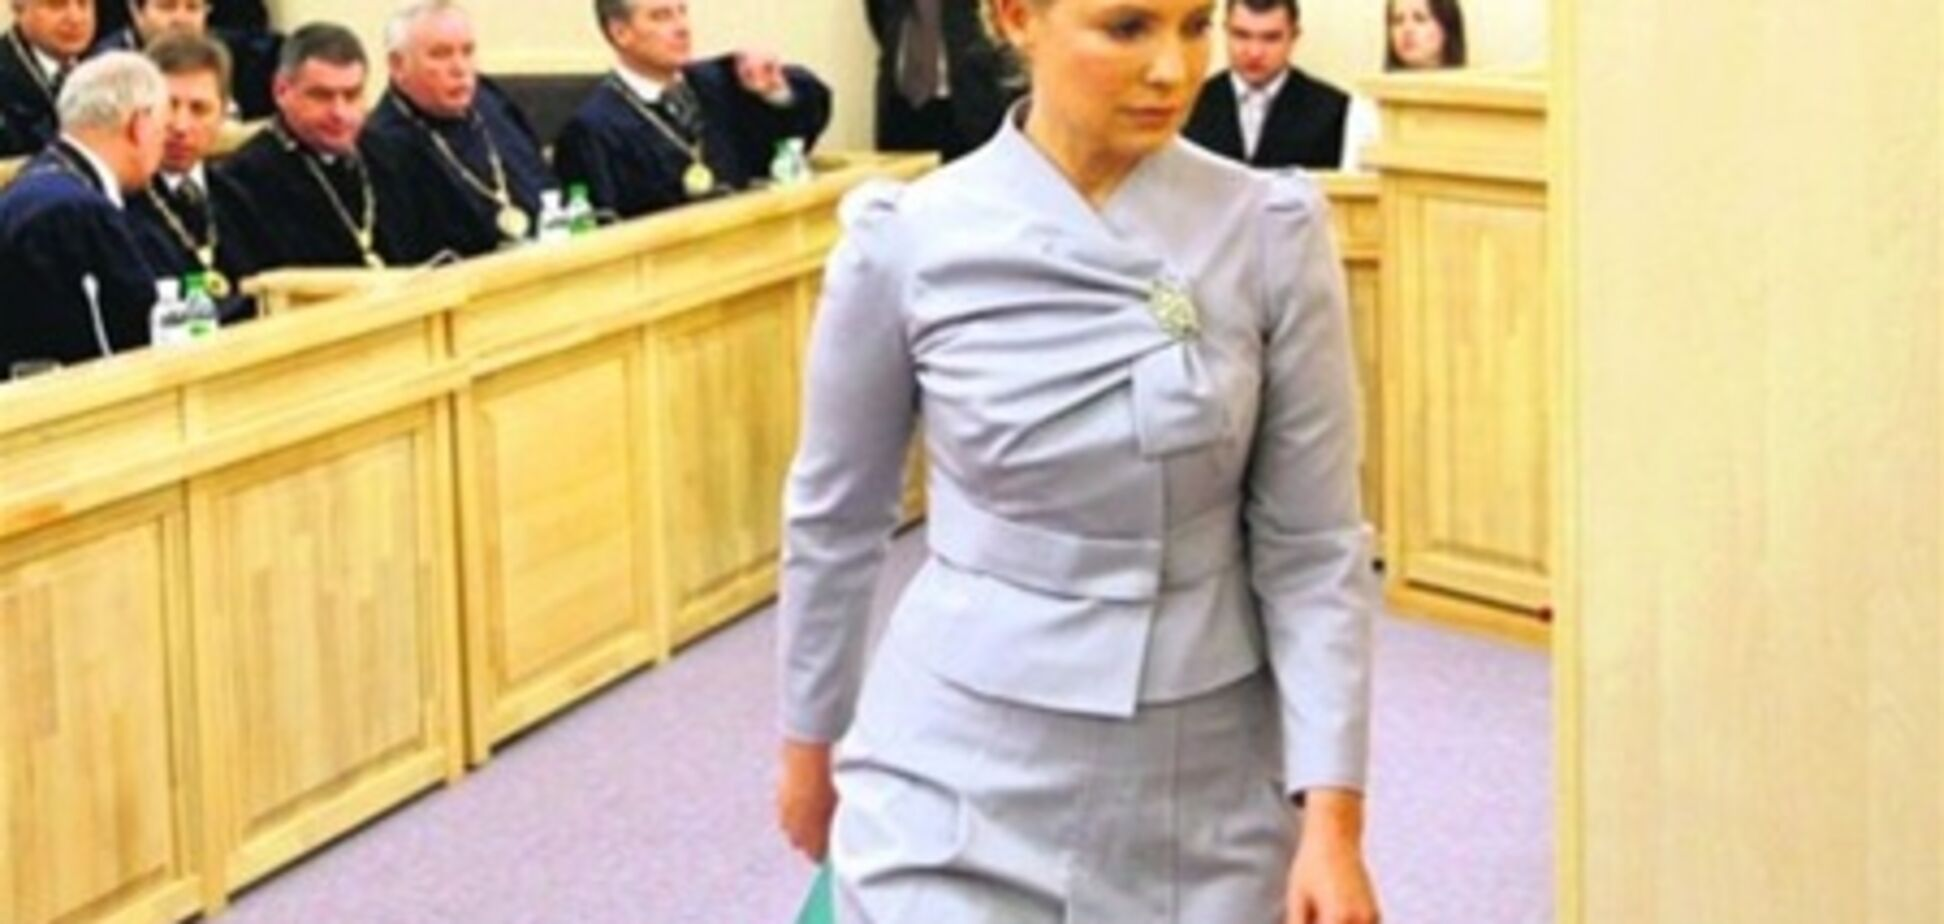 Захист Тимошенко знайшов у матеріалах справи документи, датовані неіснуючим числом